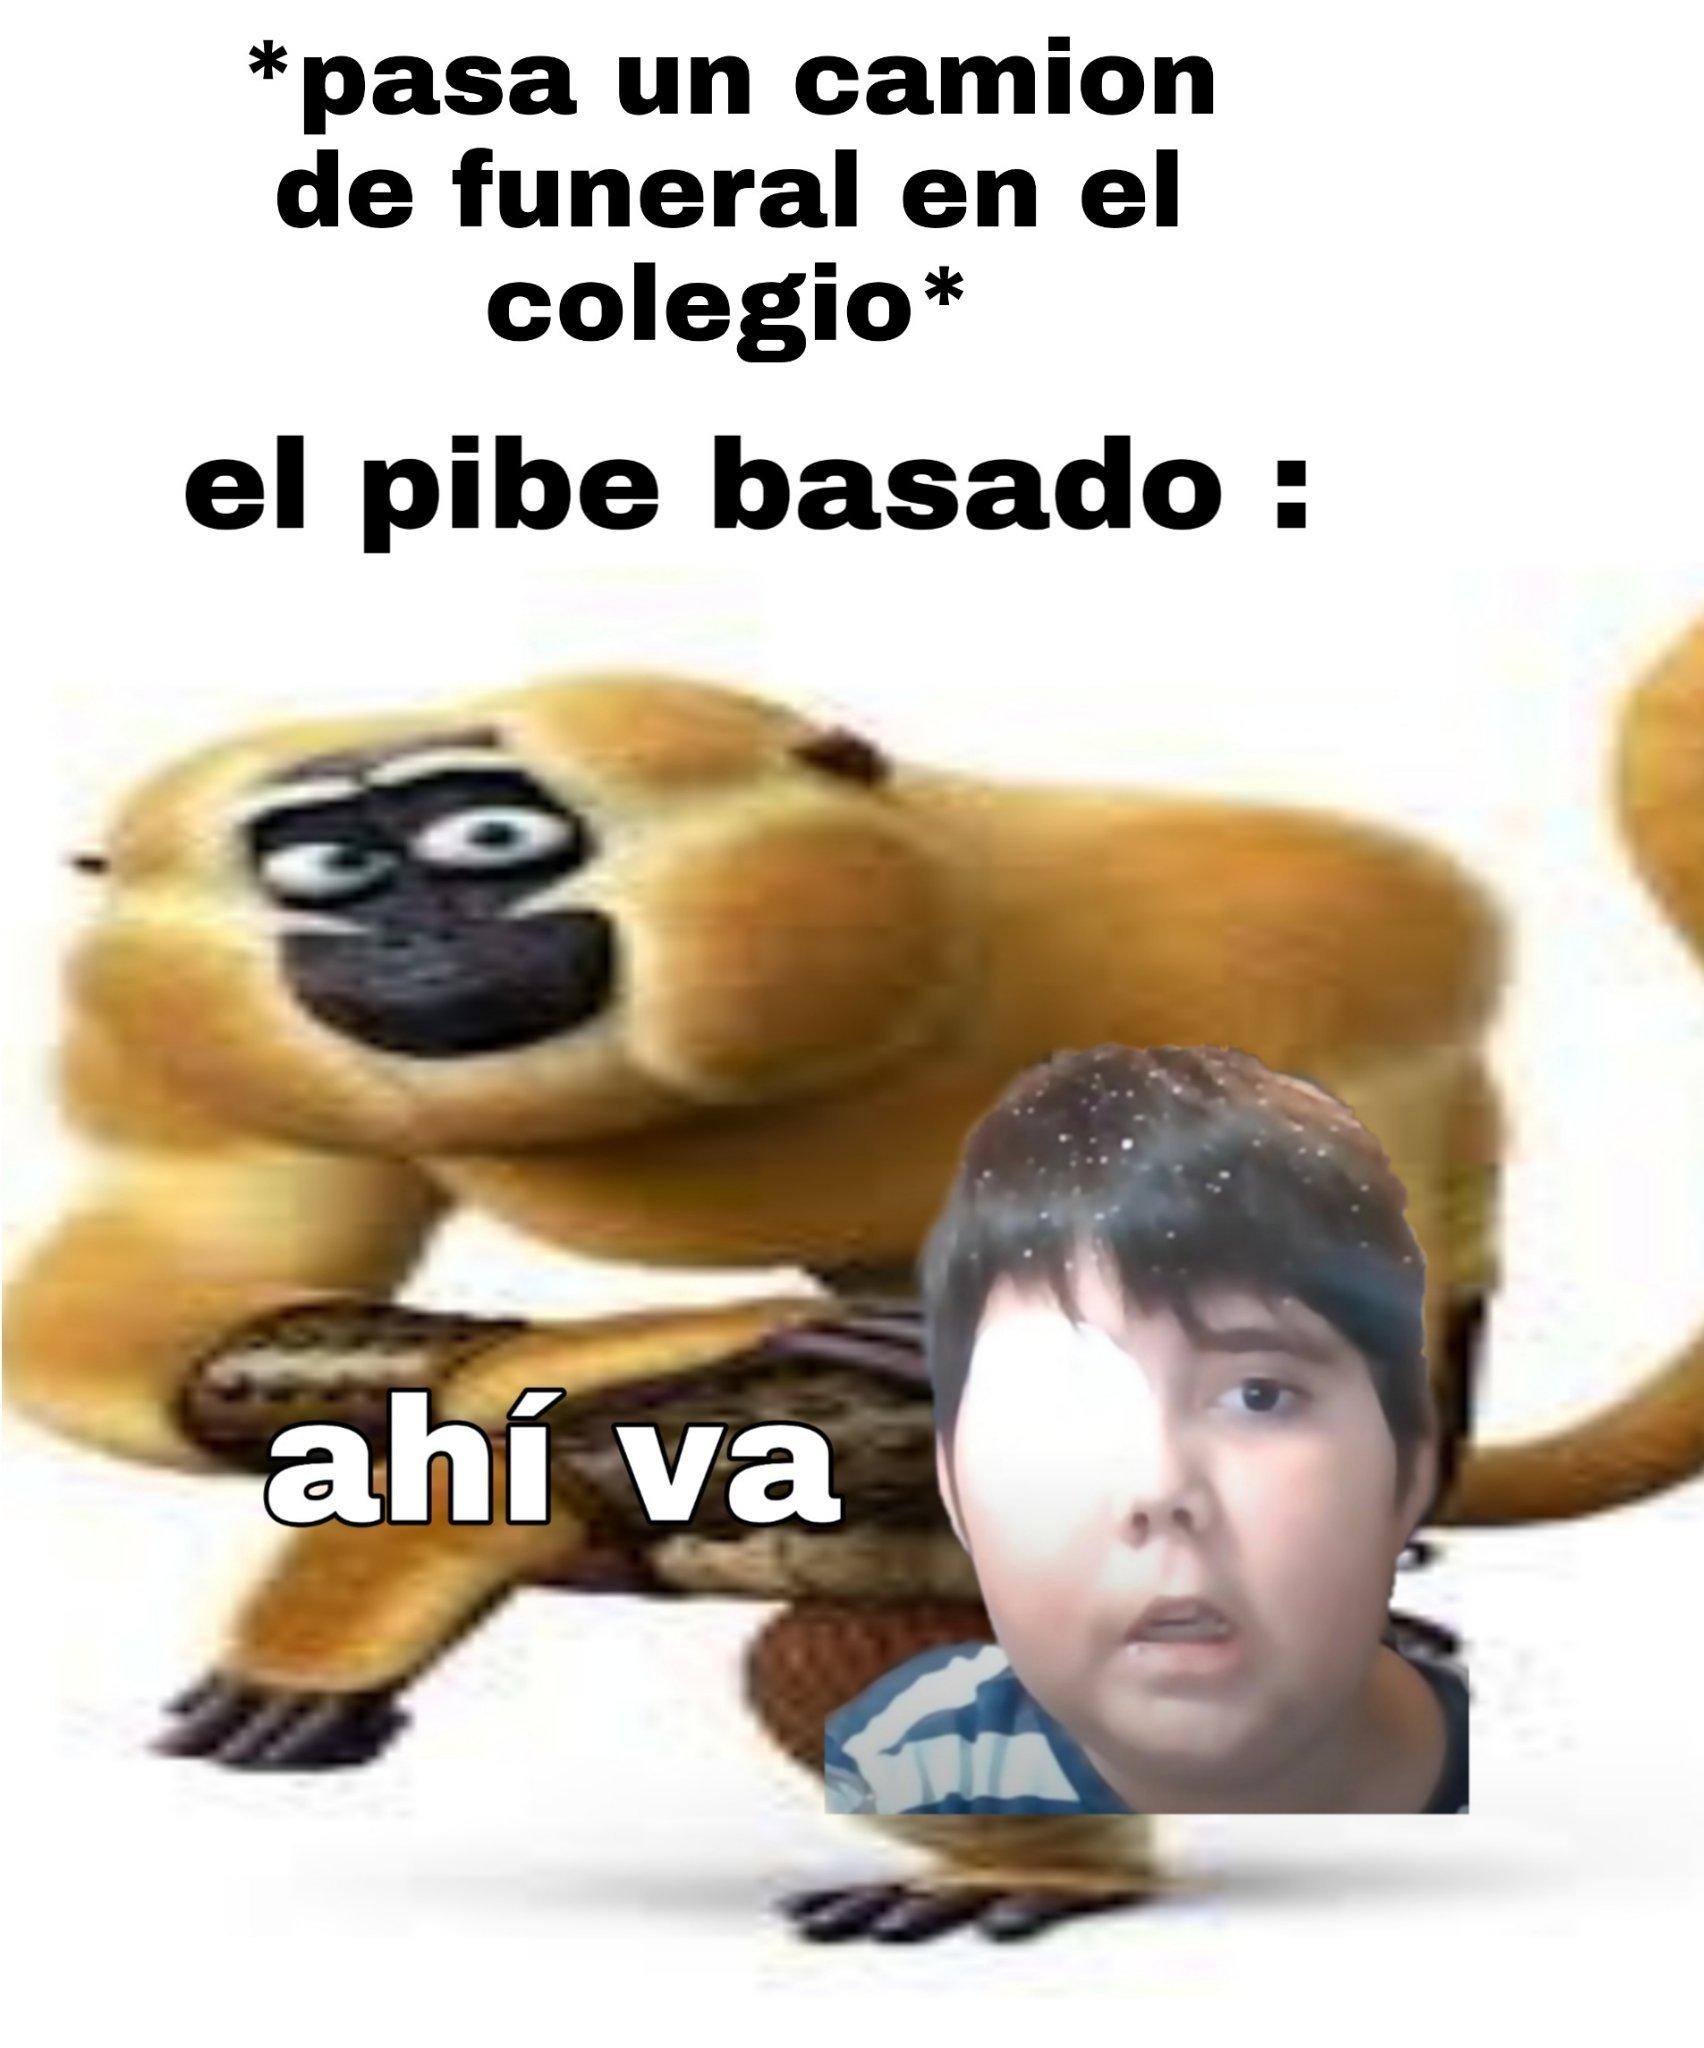 JAJAJAS ES SARCASMO LE DESEO LA MAYOR SUERTE A ESE PIBE - meme